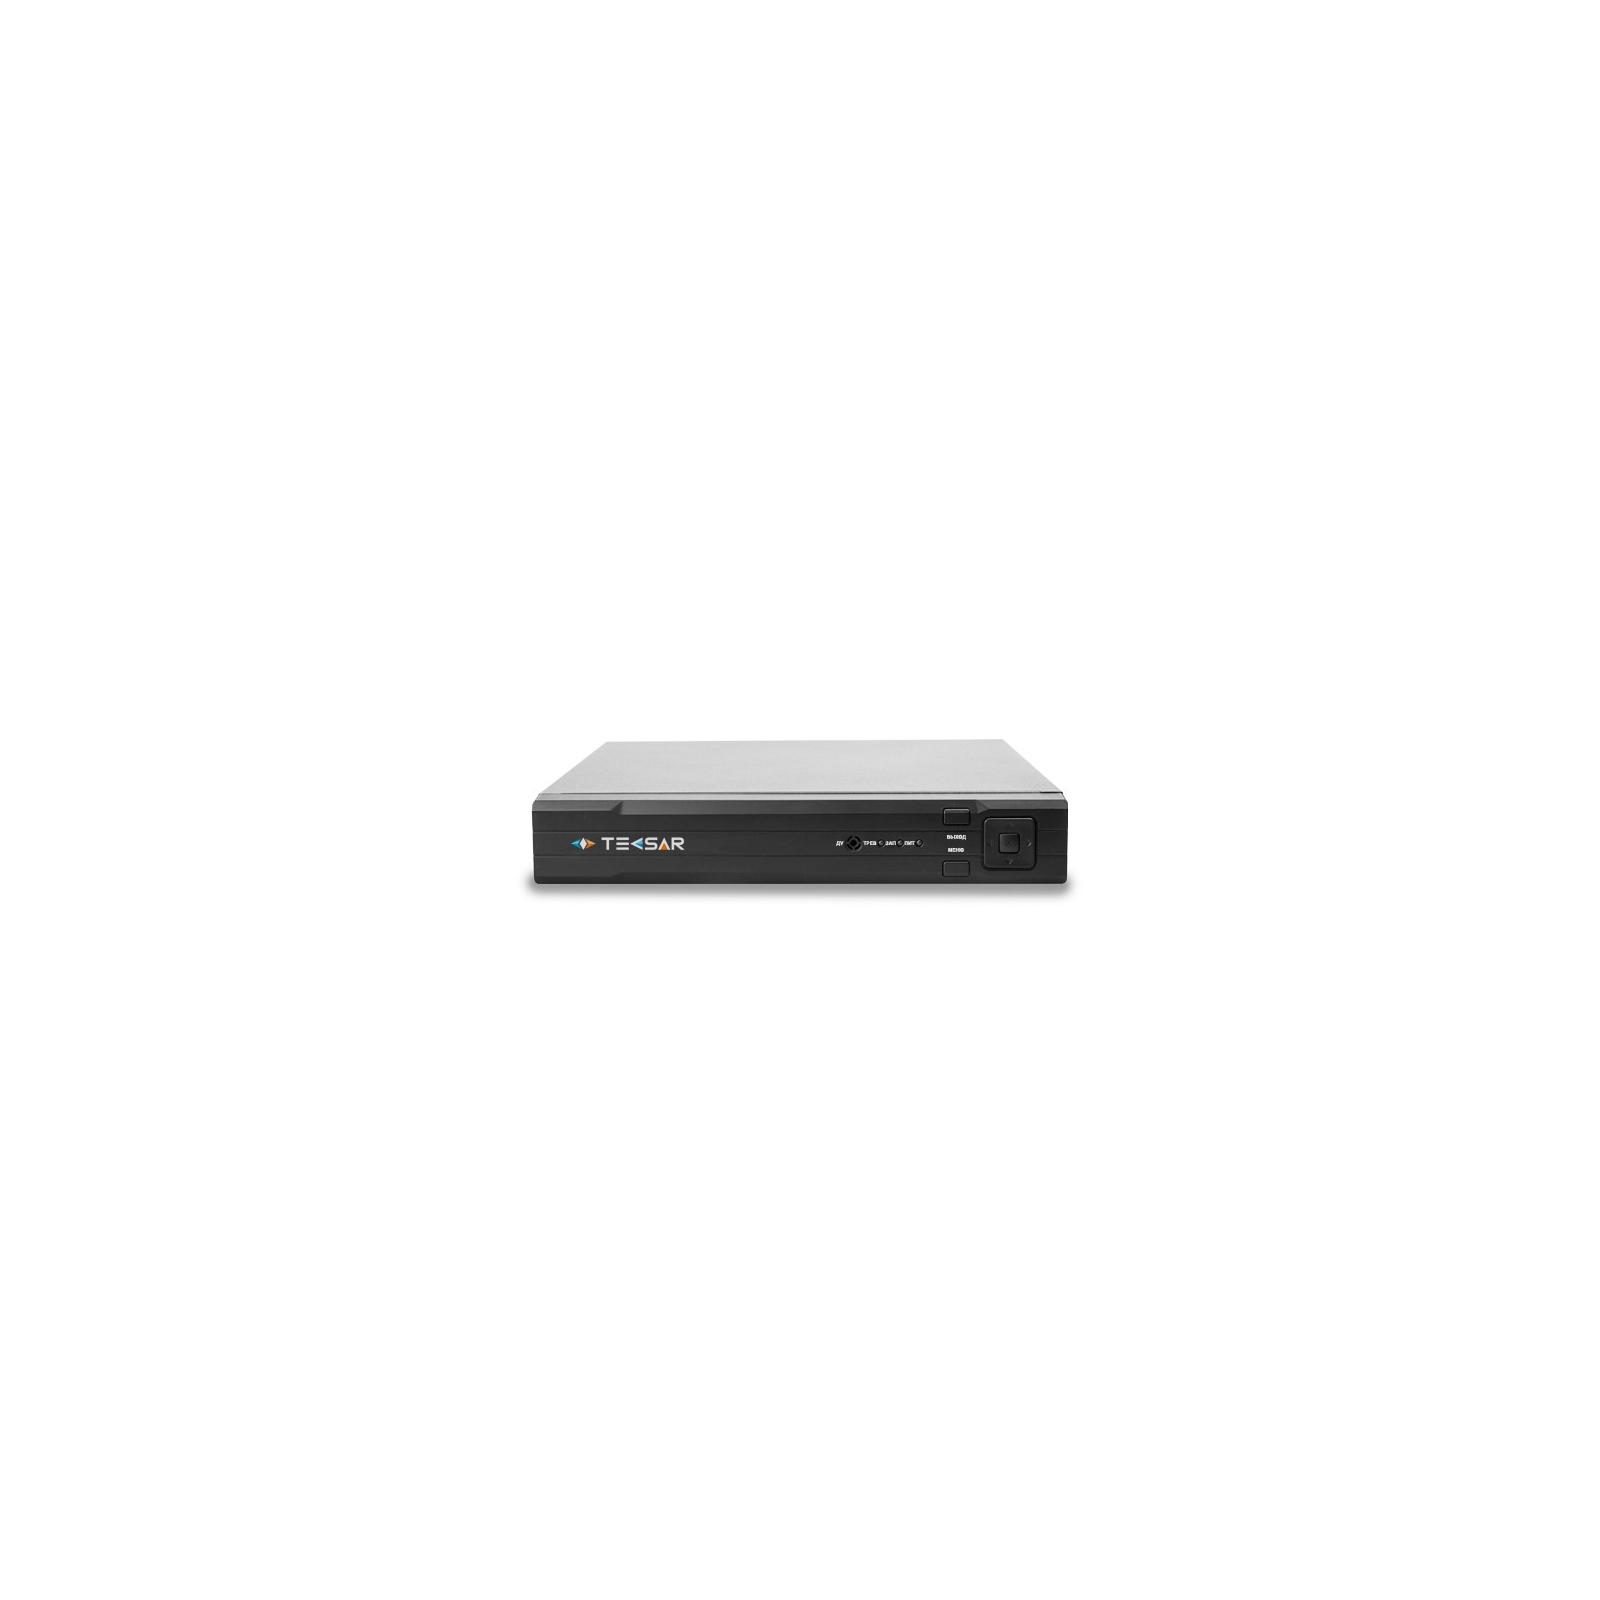 Регистратор для видеонаблюдения Tecsar NVR14-4F0P-H-poe (6734) изображение 2